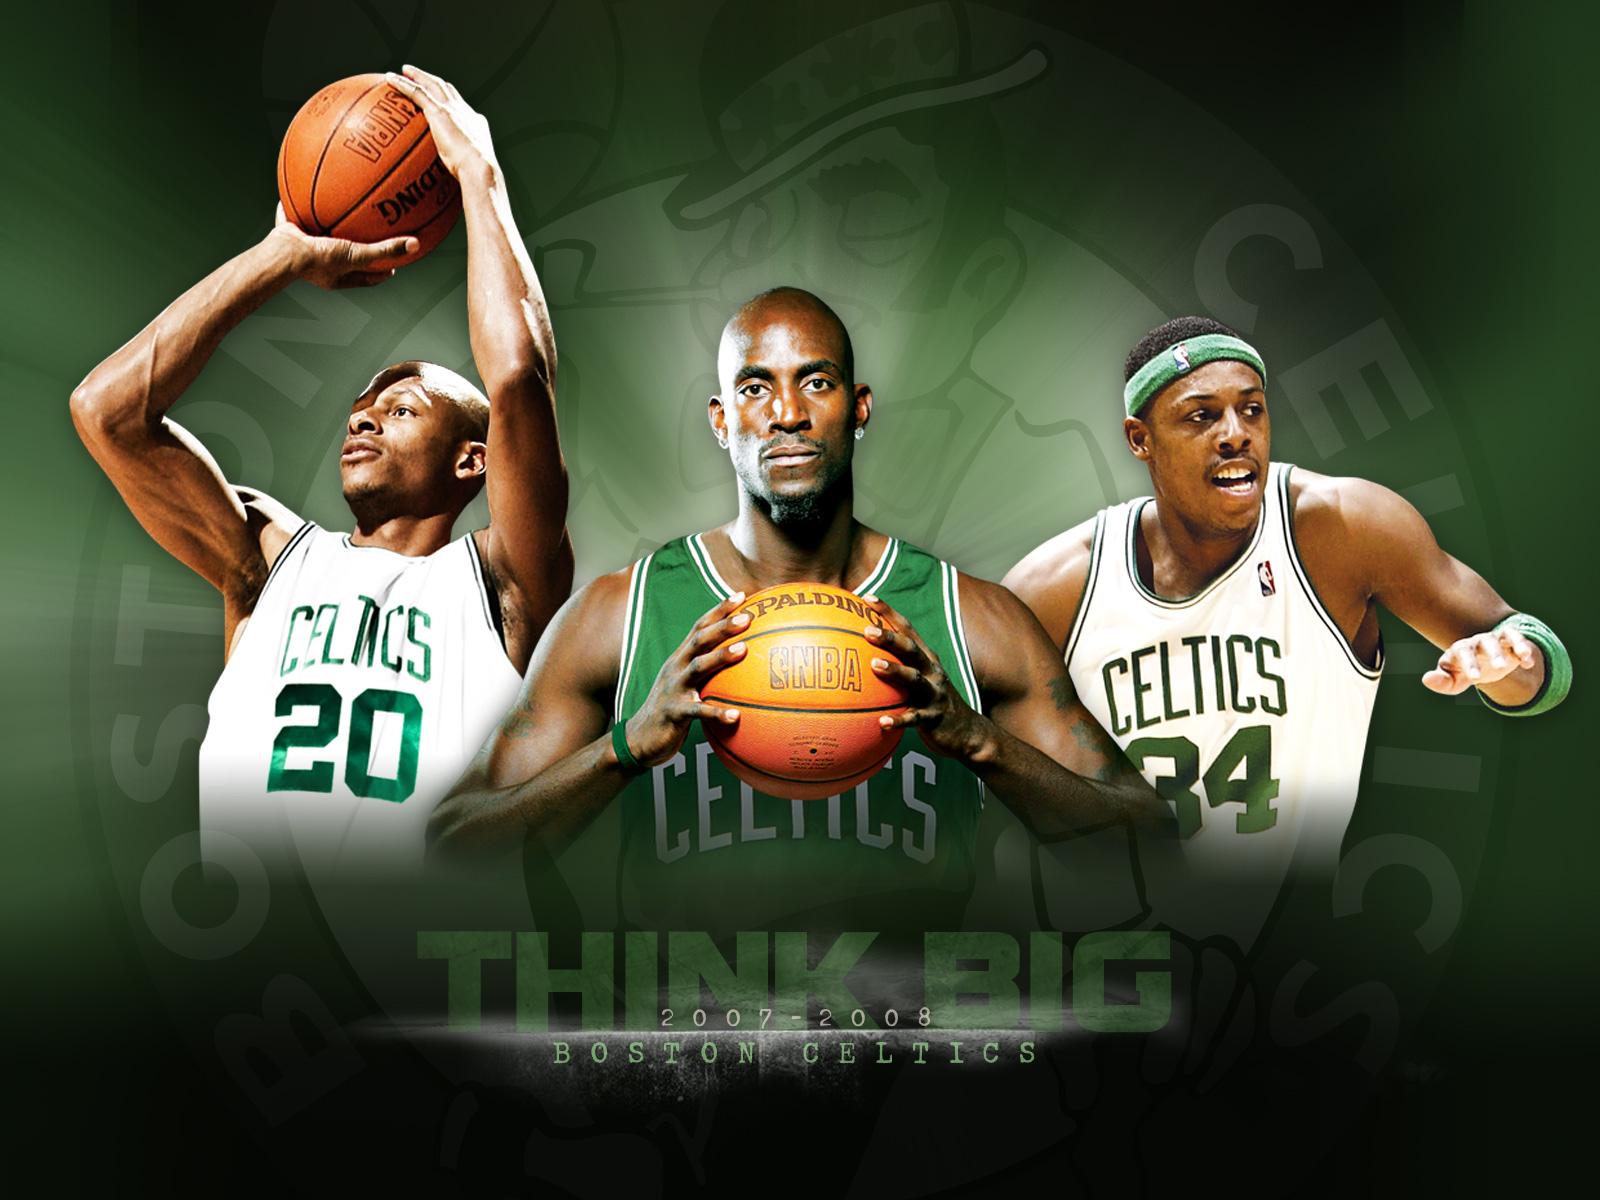 http://4.bp.blogspot.com/-z7SscMW3sjE/Tfz2DymkZoI/AAAAAAAAAZc/-aTyPPG38Fs/s1600/Boston-Celtics-wallpaper.jpg